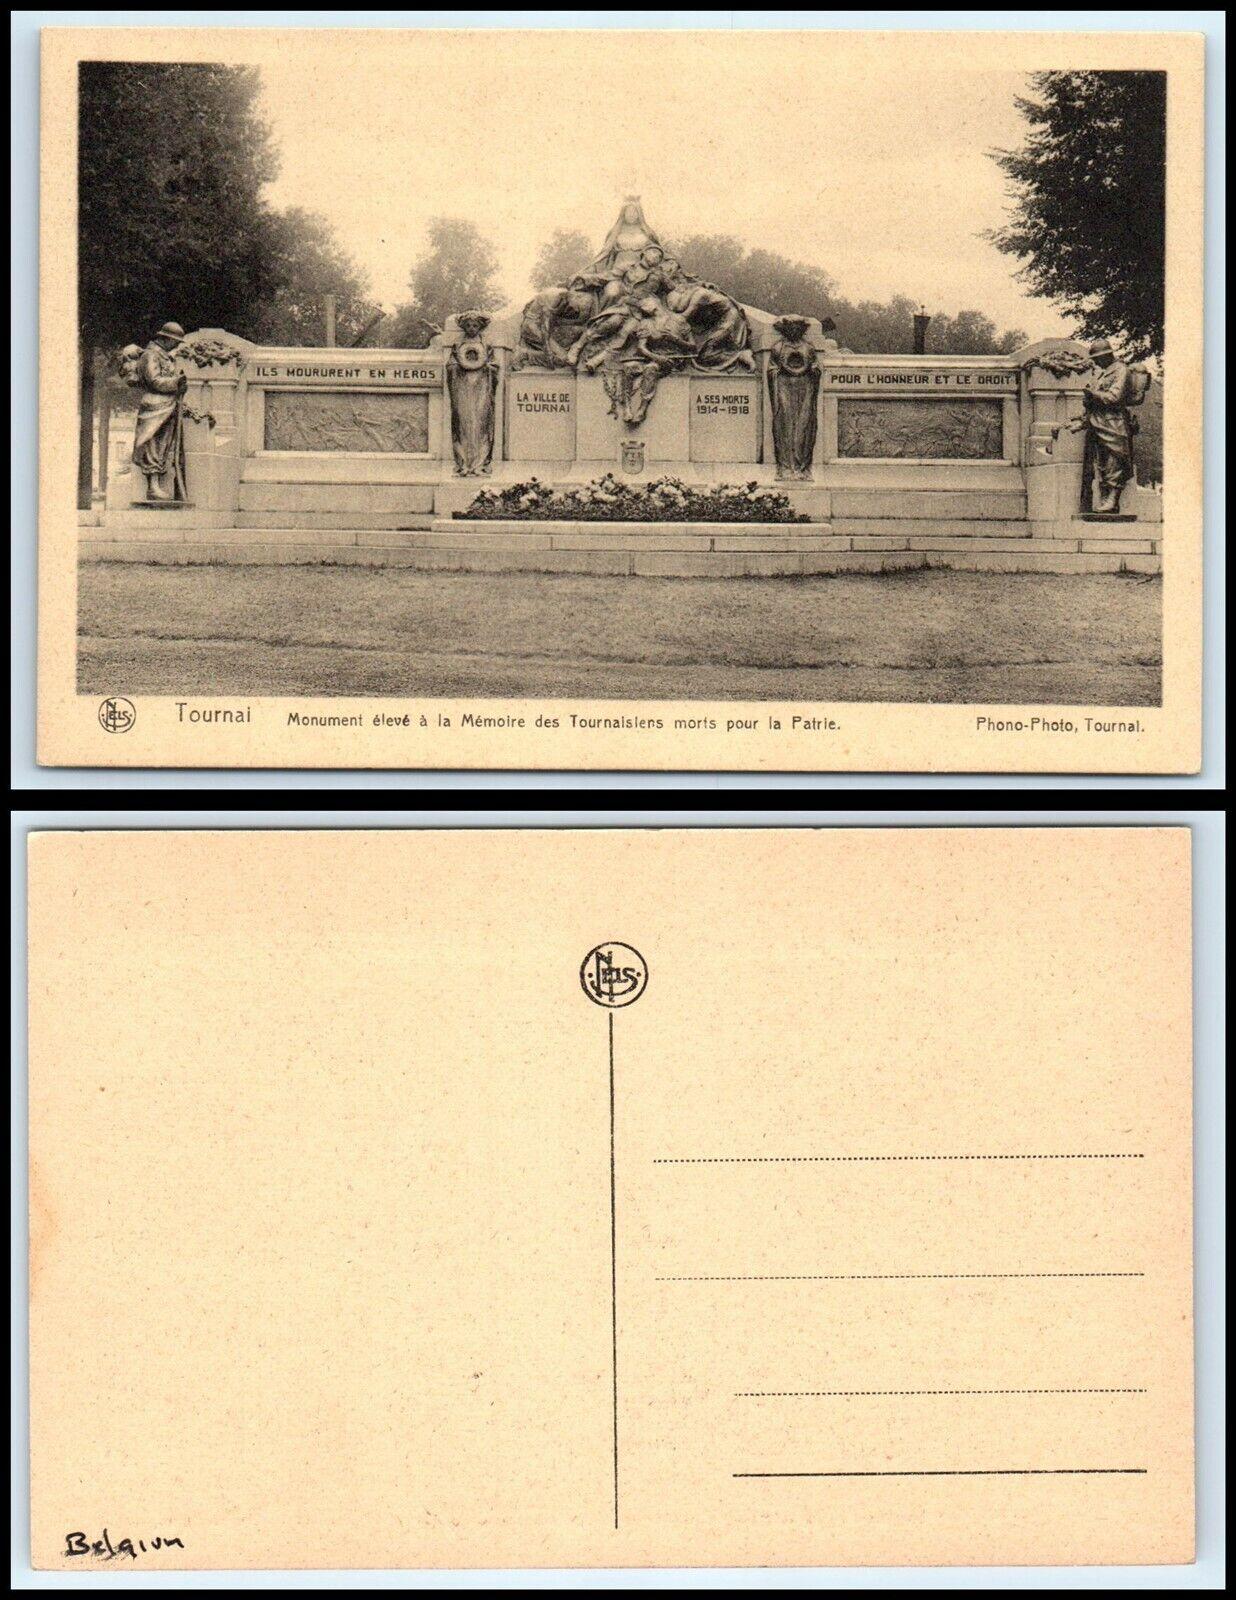 Pour La Patrie L Honneur Et Le Droit : patrie, honneur, droit, BELGIUM, Postcard, Tournai,, Monument, Eleve, Memoire, Tournaisiens